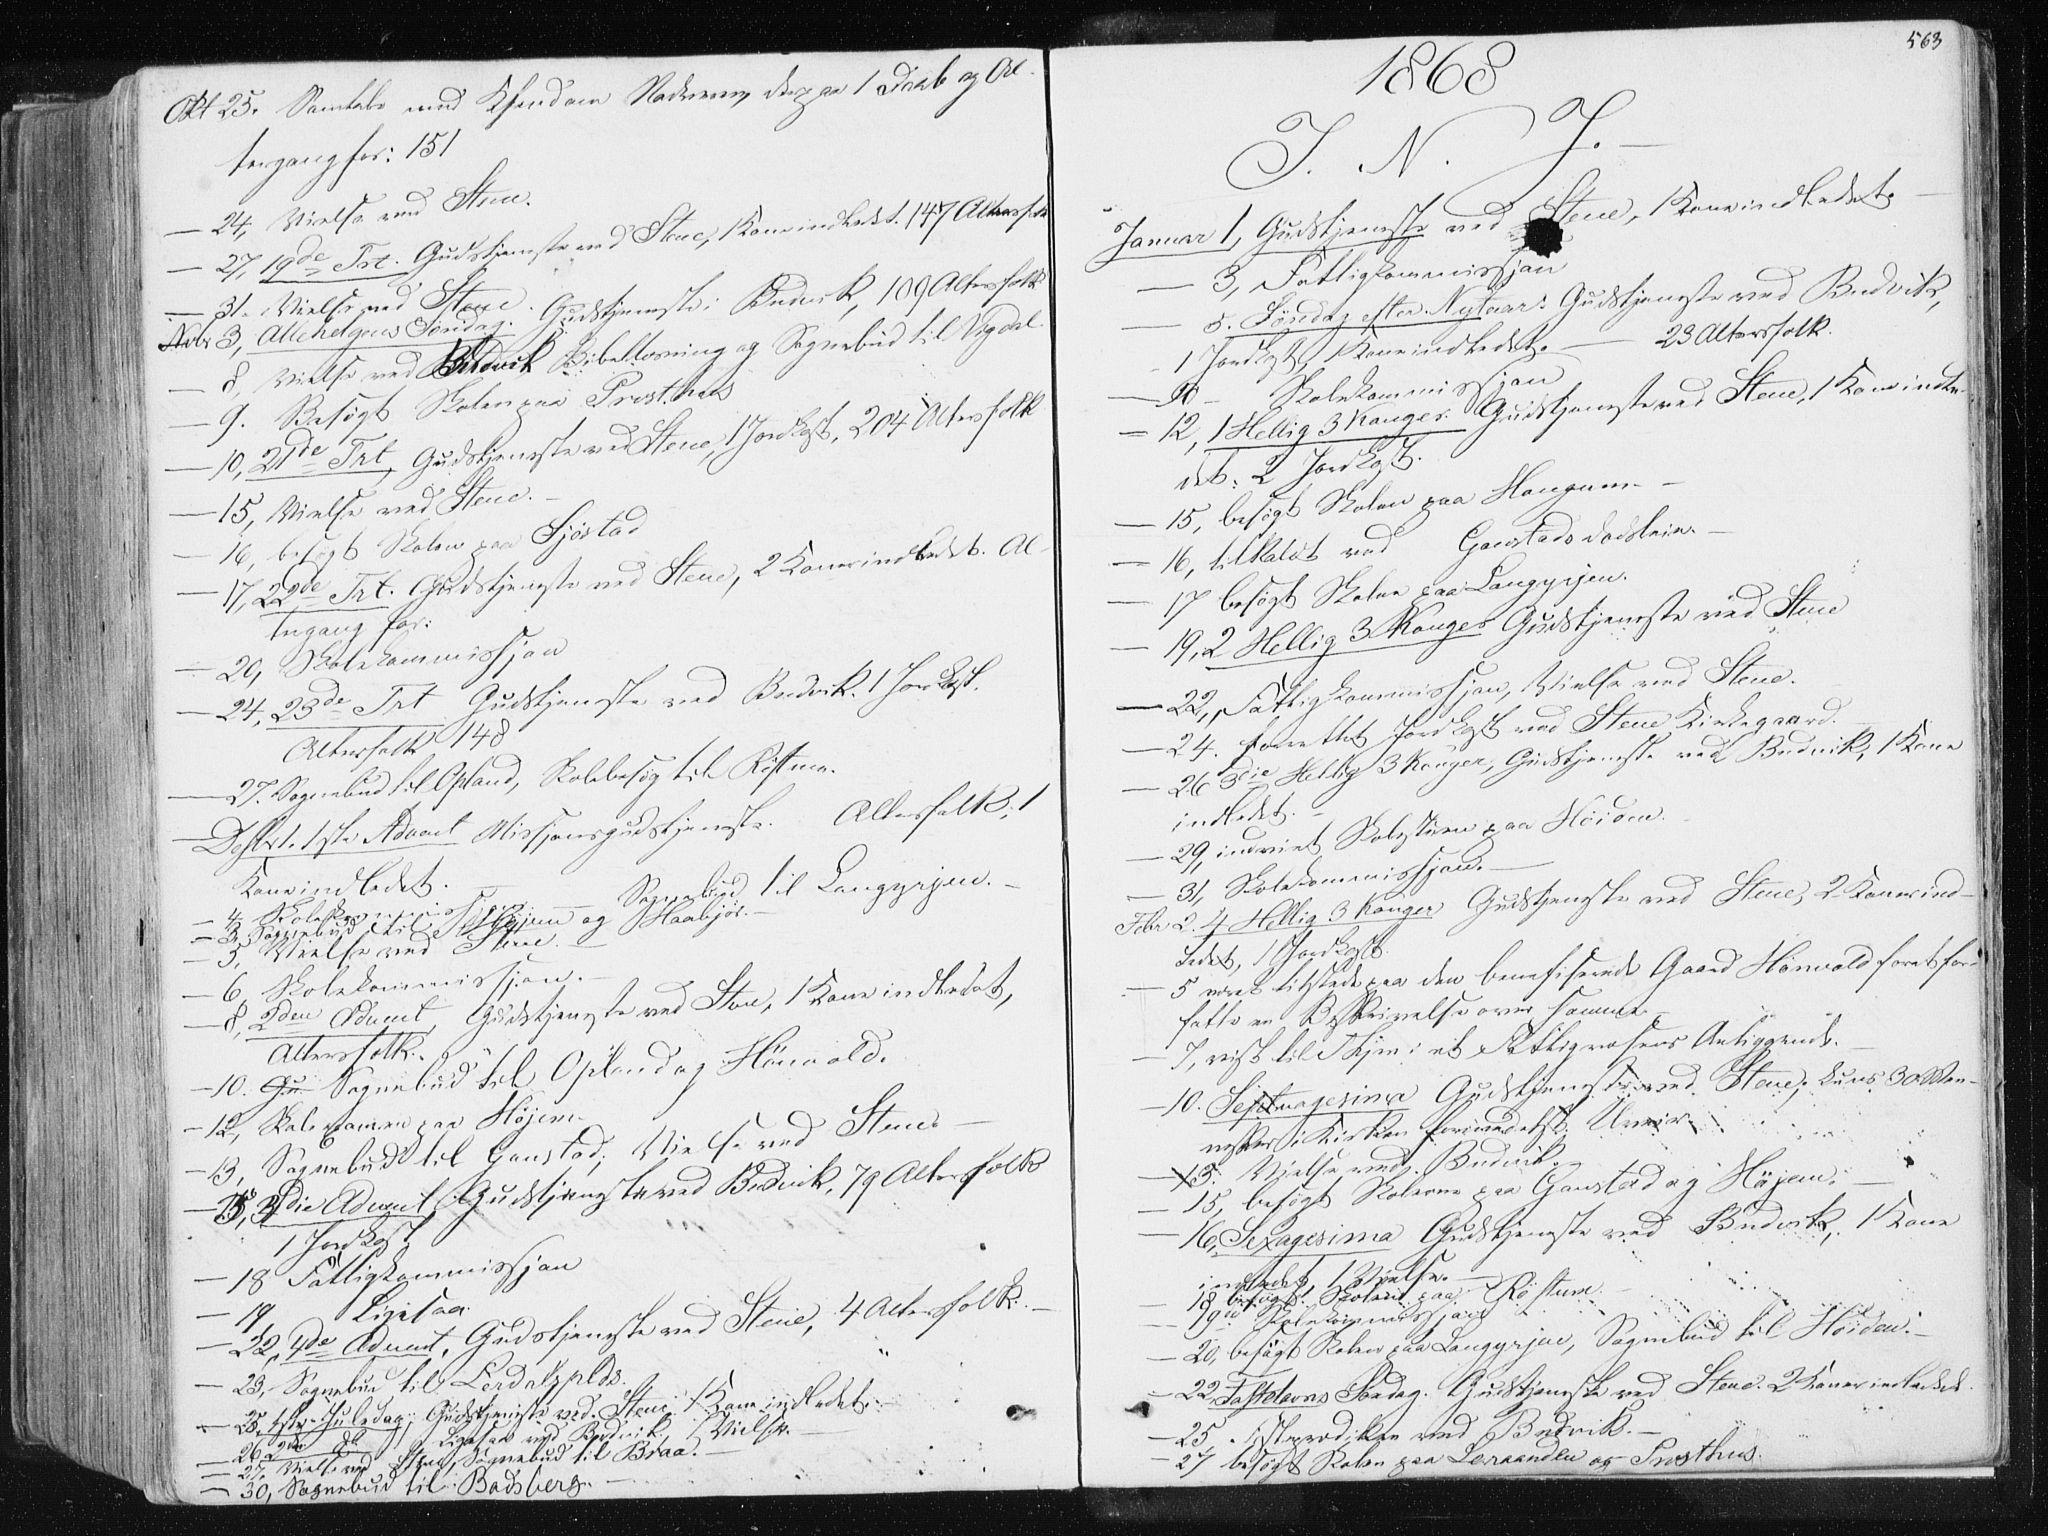 SAT, Ministerialprotokoller, klokkerbøker og fødselsregistre - Sør-Trøndelag, 612/L0377: Ministerialbok nr. 612A09, 1859-1877, s. 563